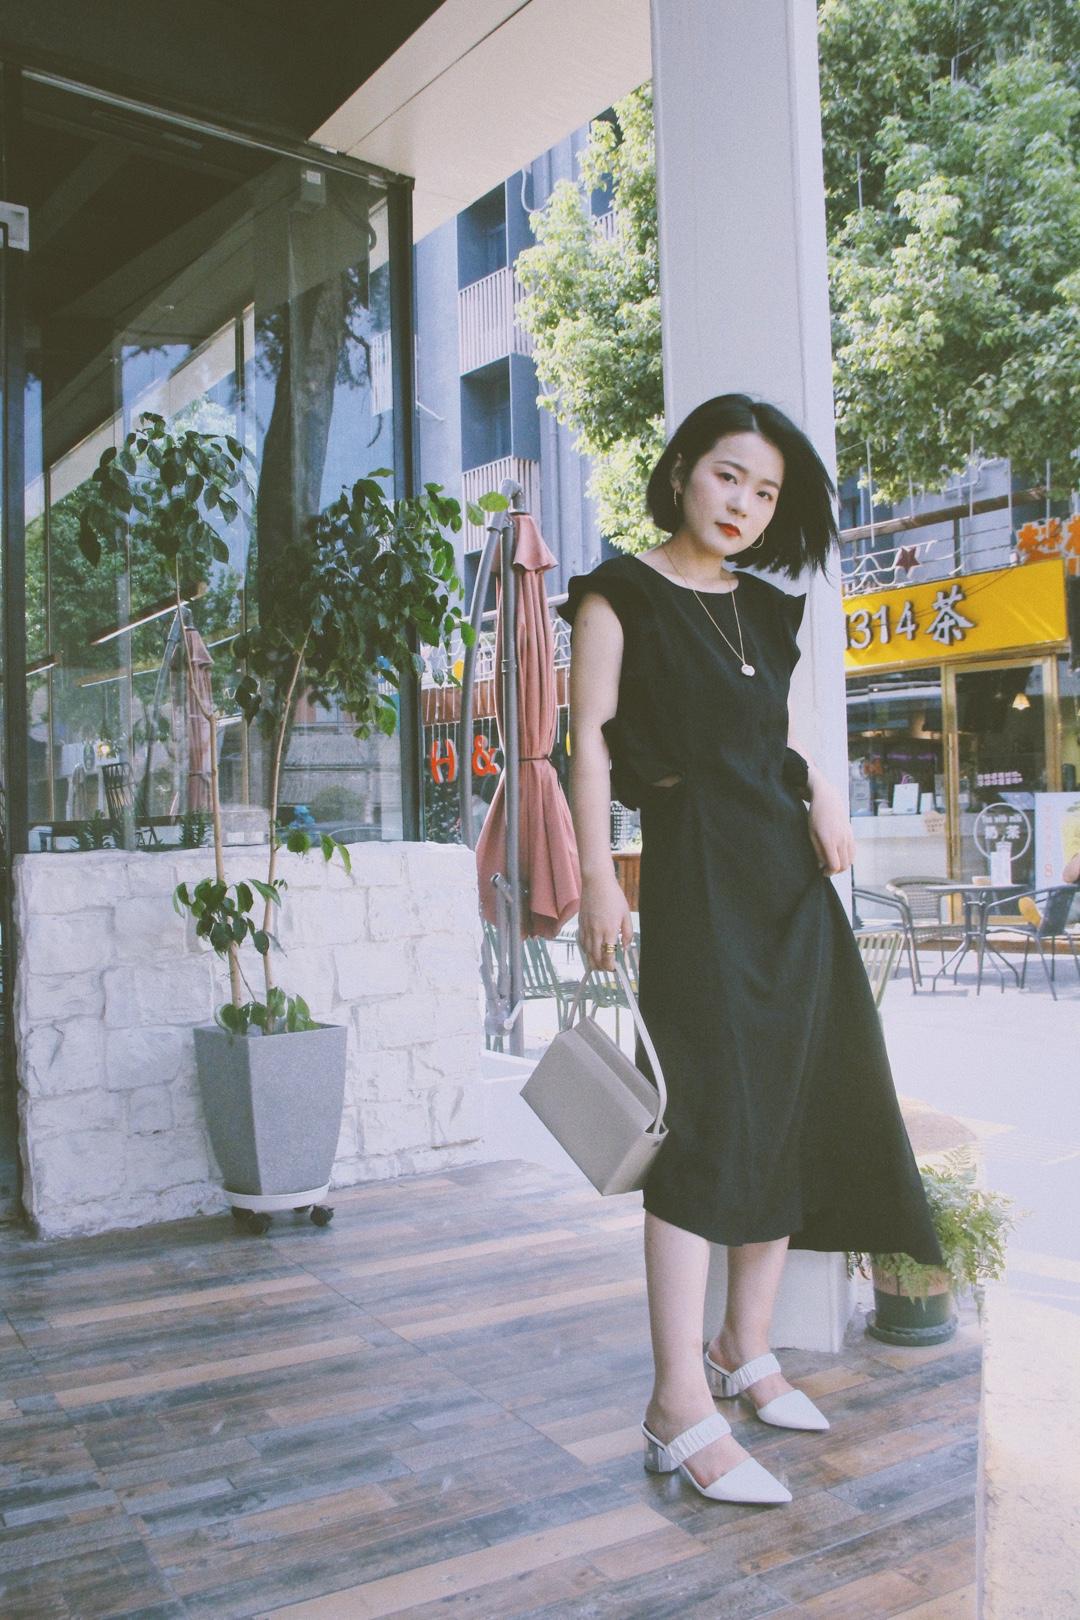 抓住还能单穿连衣裙的机会不撒手![阴险]心机小黑裙走起~   #入秋最靓!韩系小姐姐风#